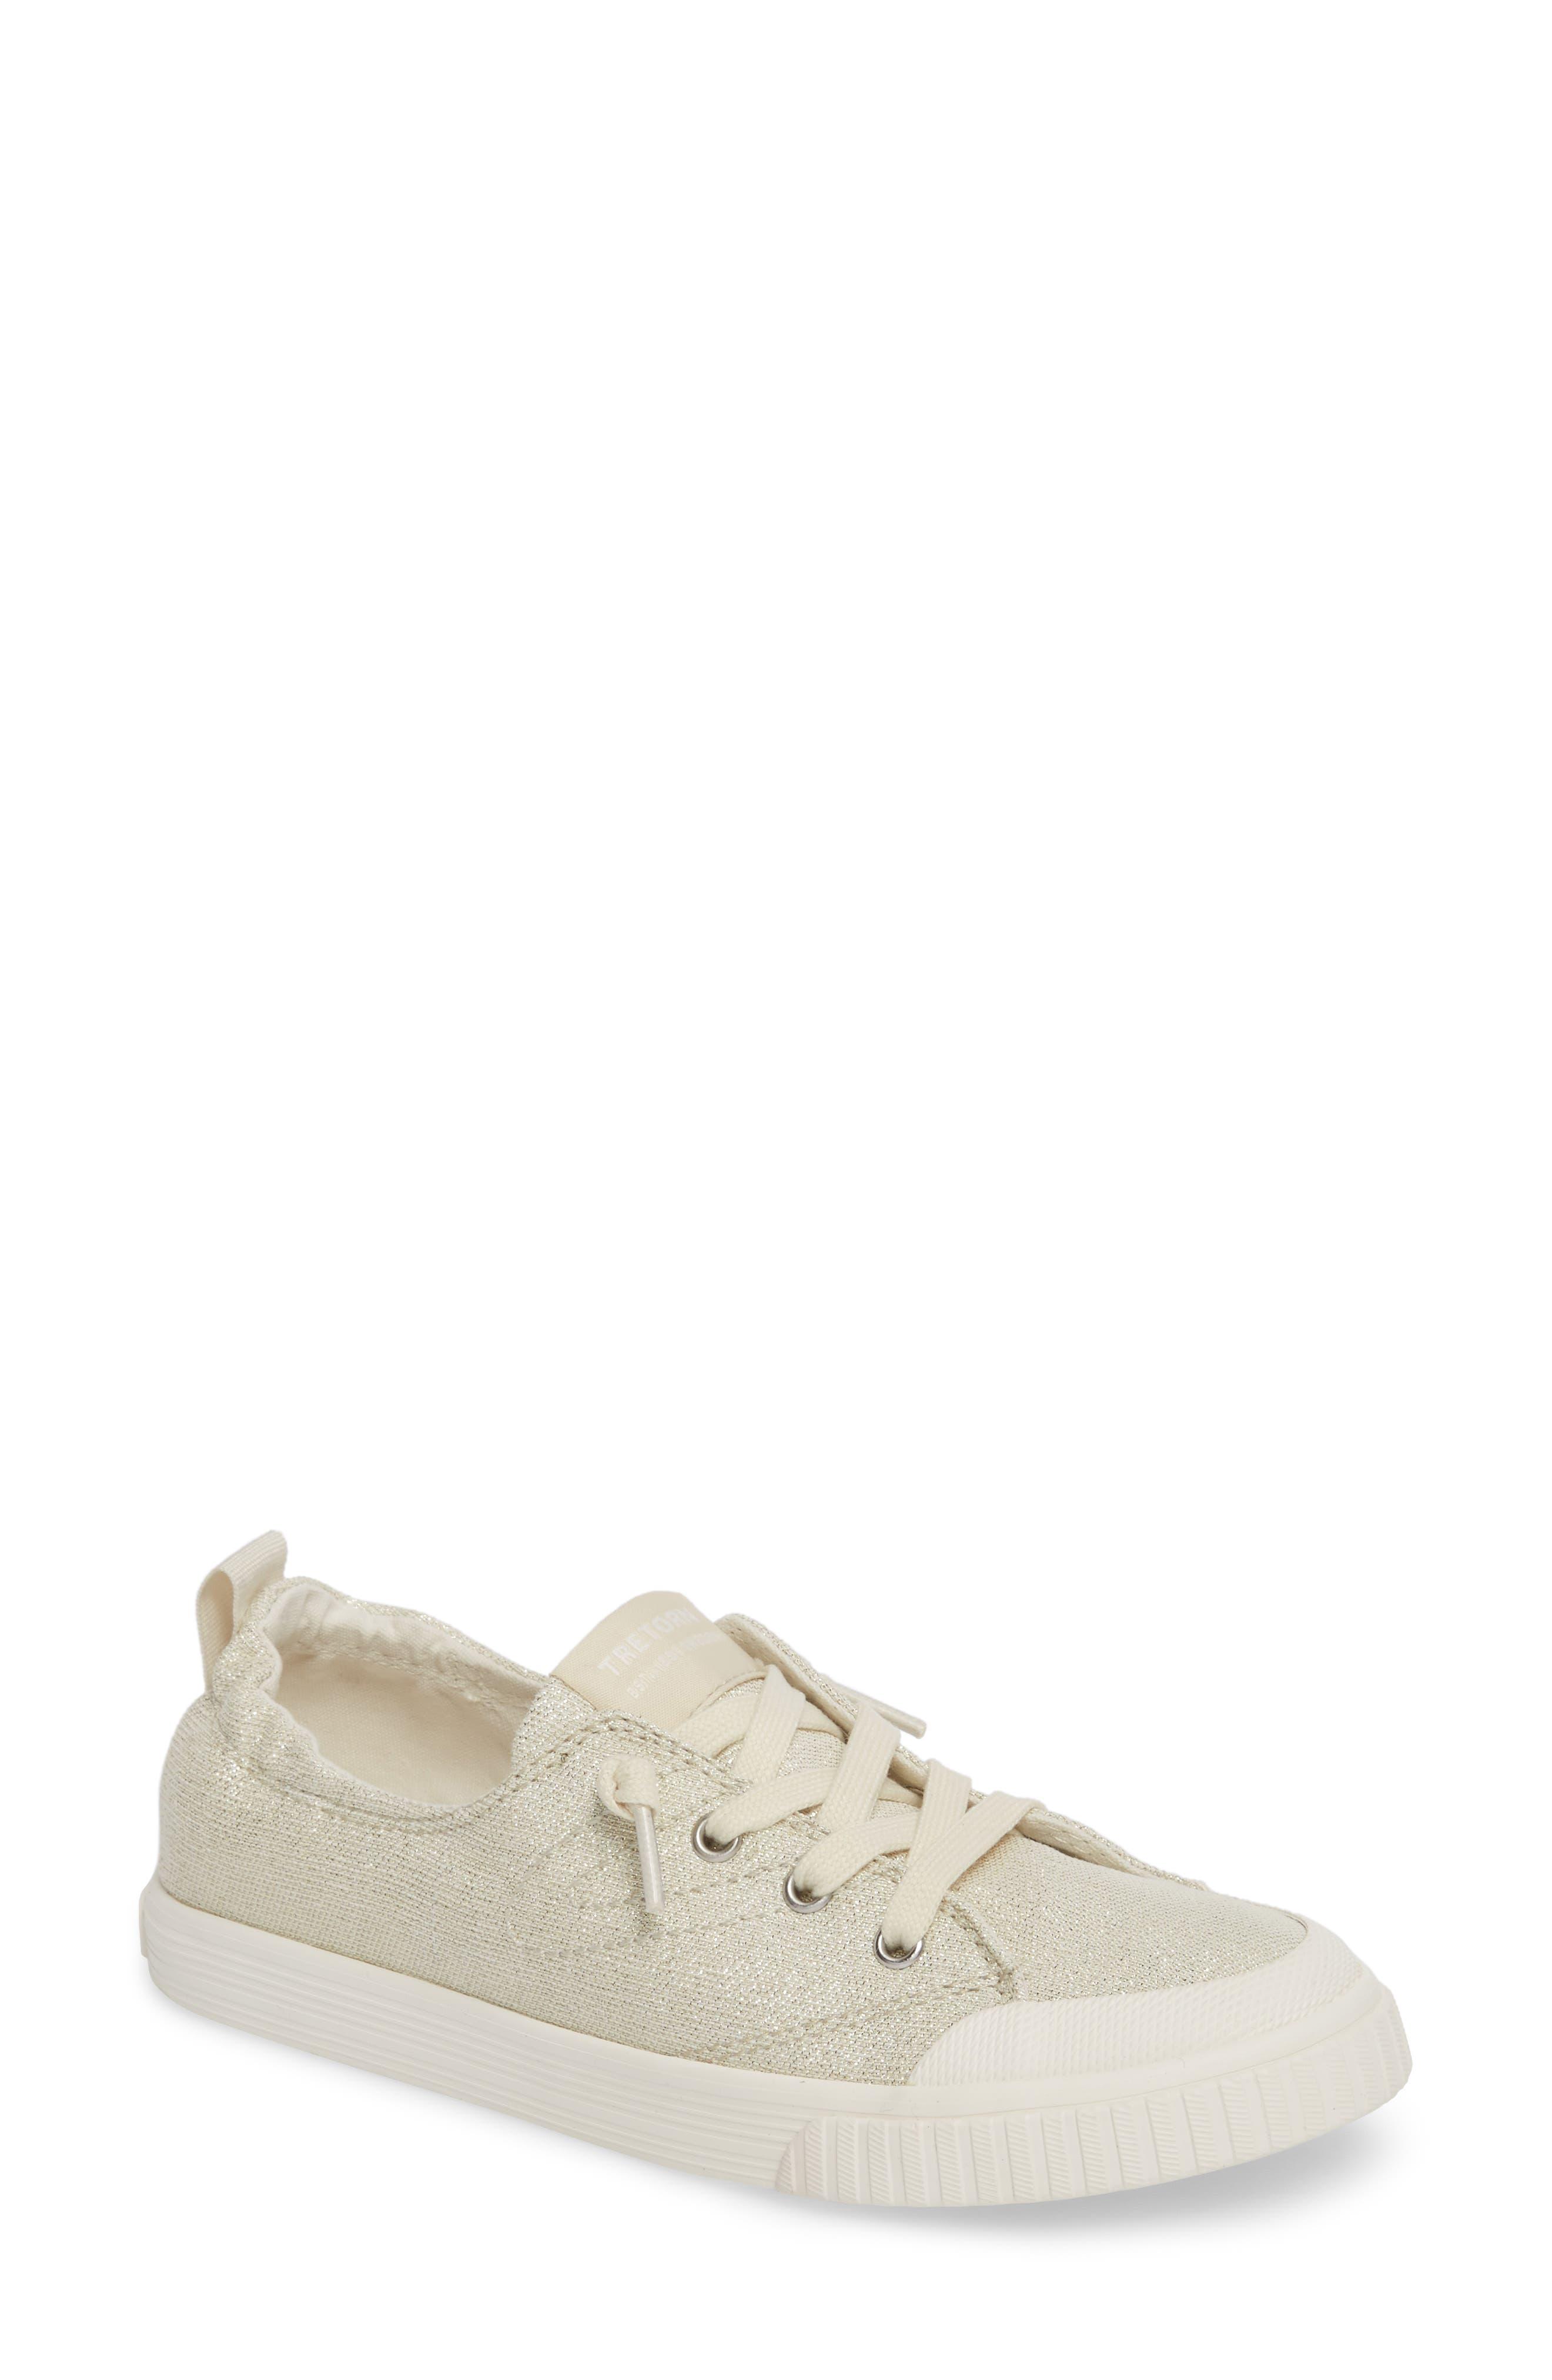 Meg Slip-On Sneaker,                         Main,                         color,